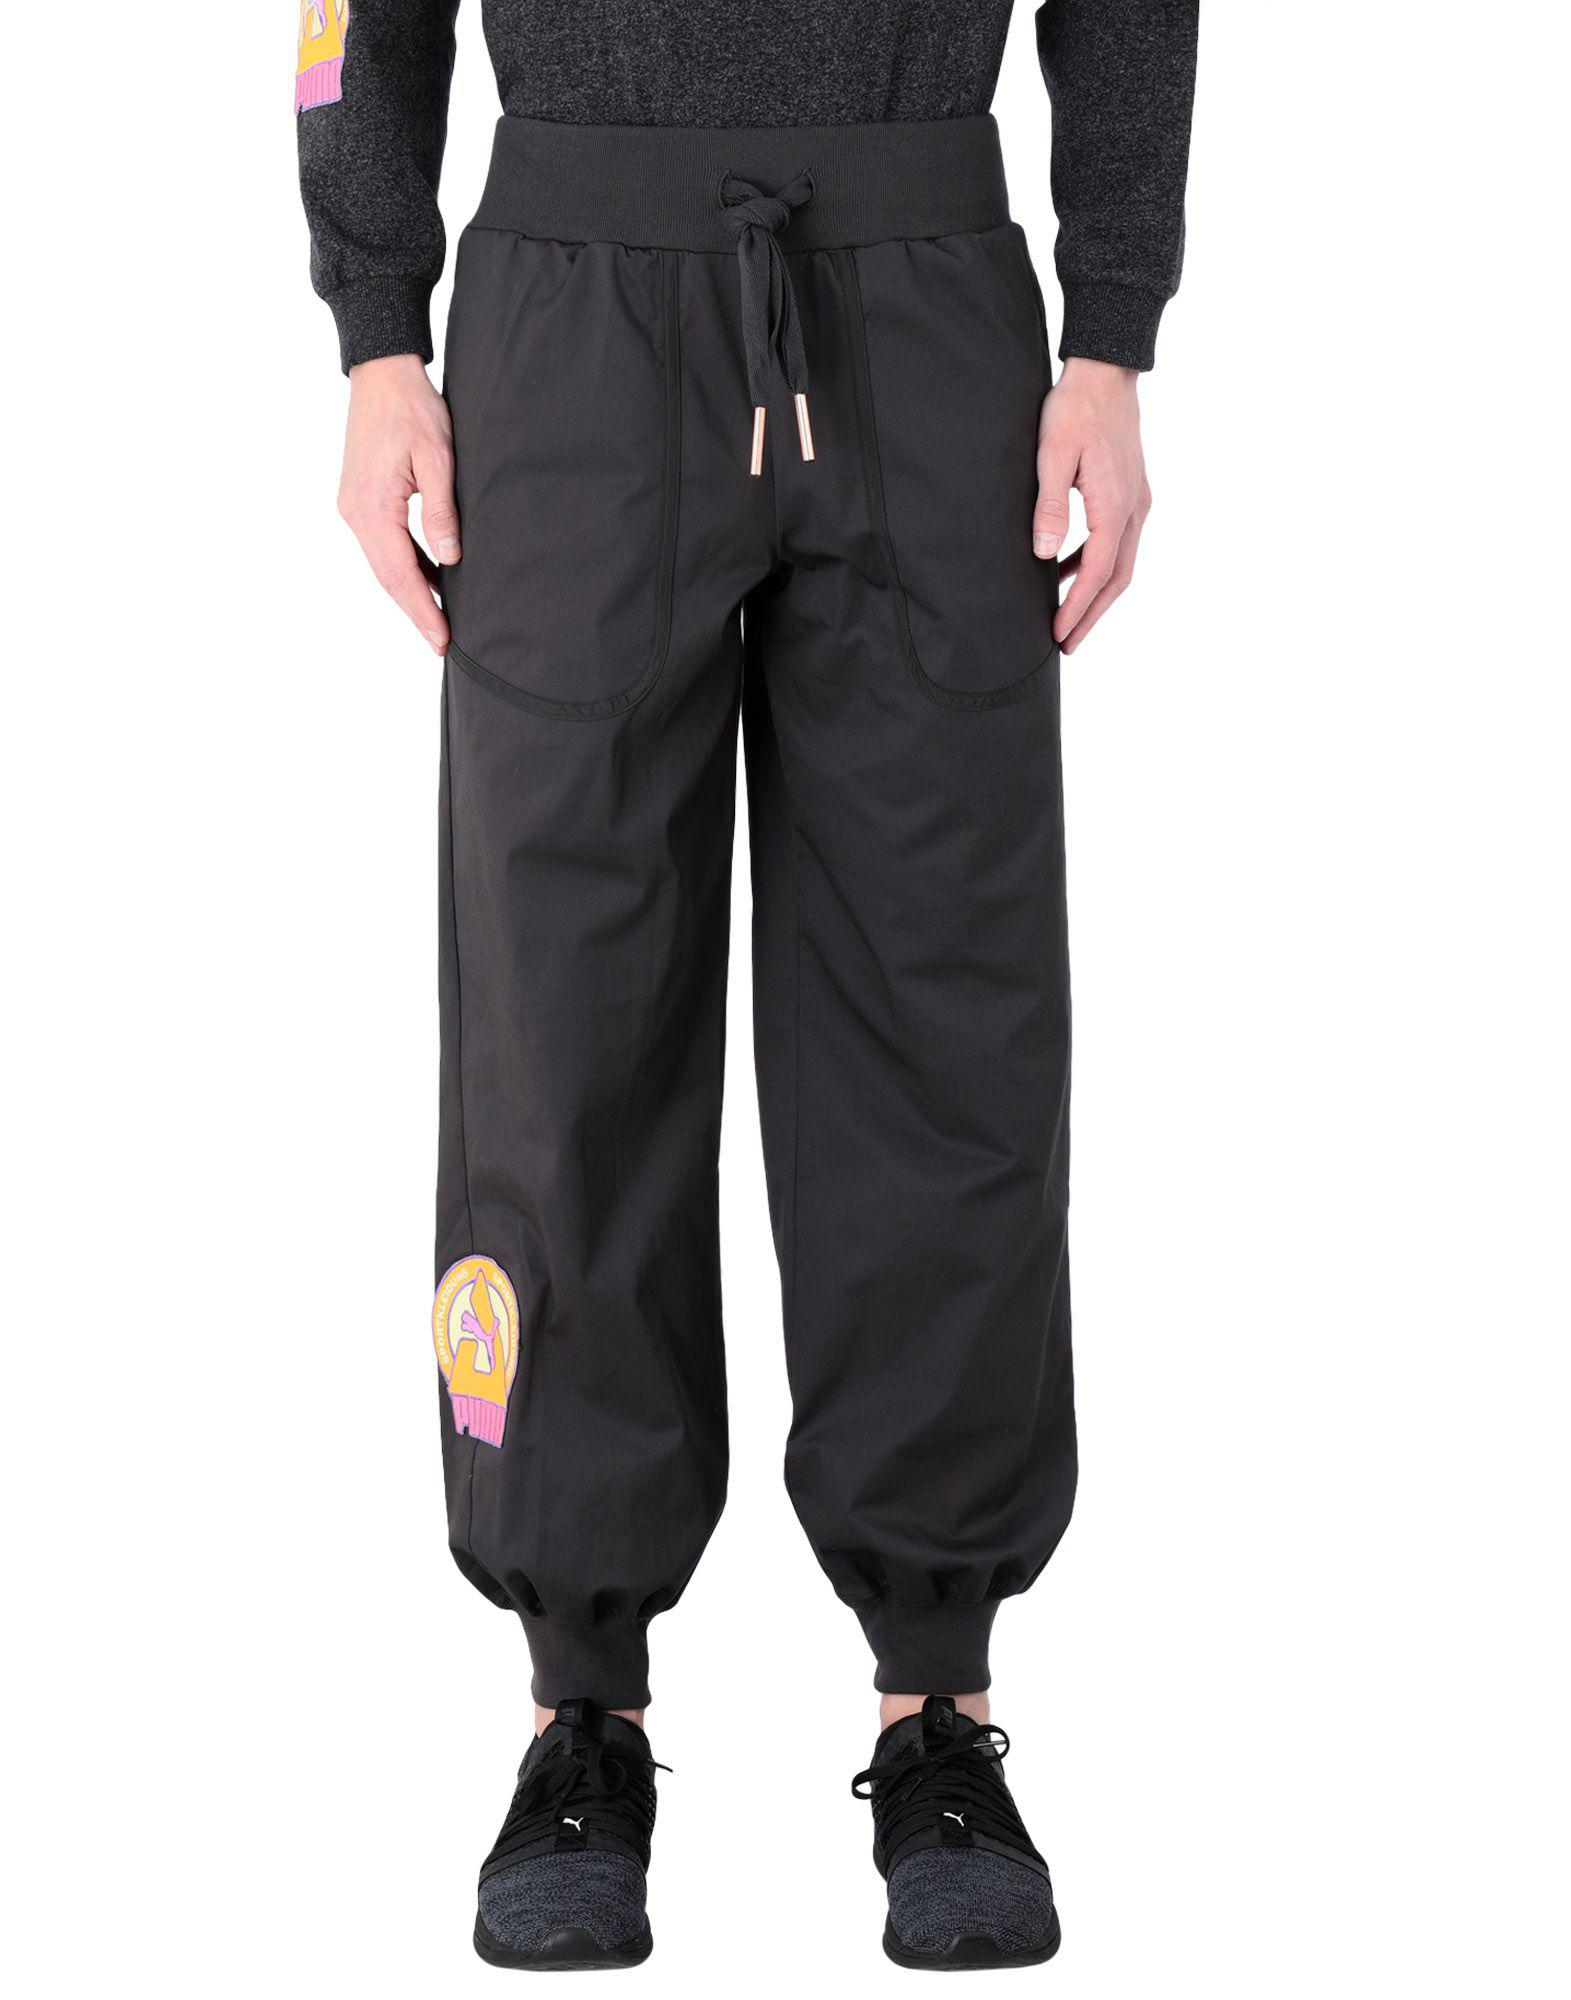 d75f10233a6cf Pantalon PUMA pour homme - Lyst